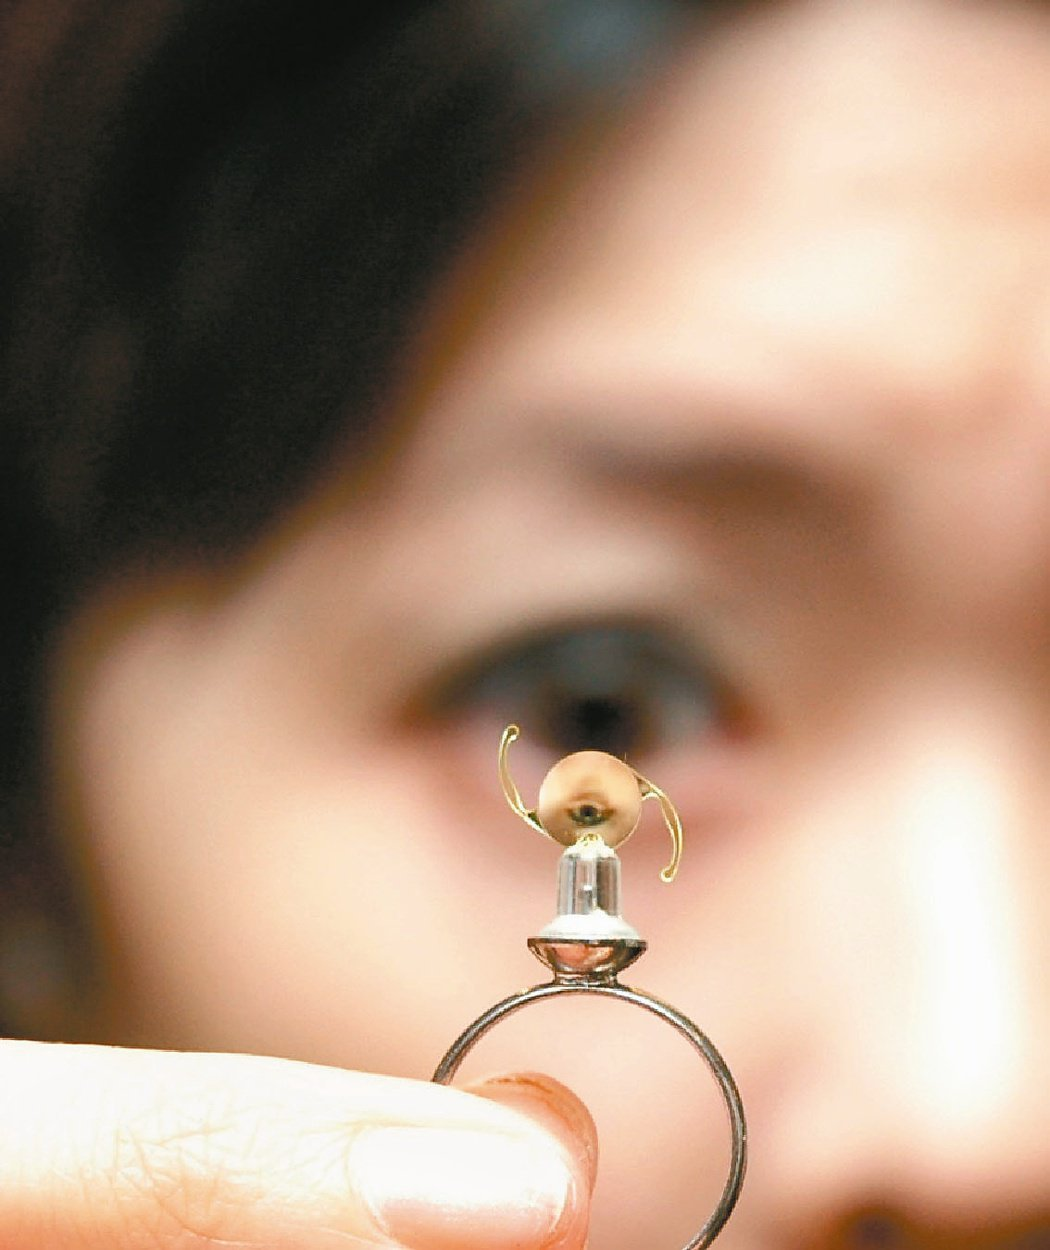 人工水晶體價差大 自付差額醫材價差大,健保自費醫材比價網顯示,某品牌二焦點人工水...